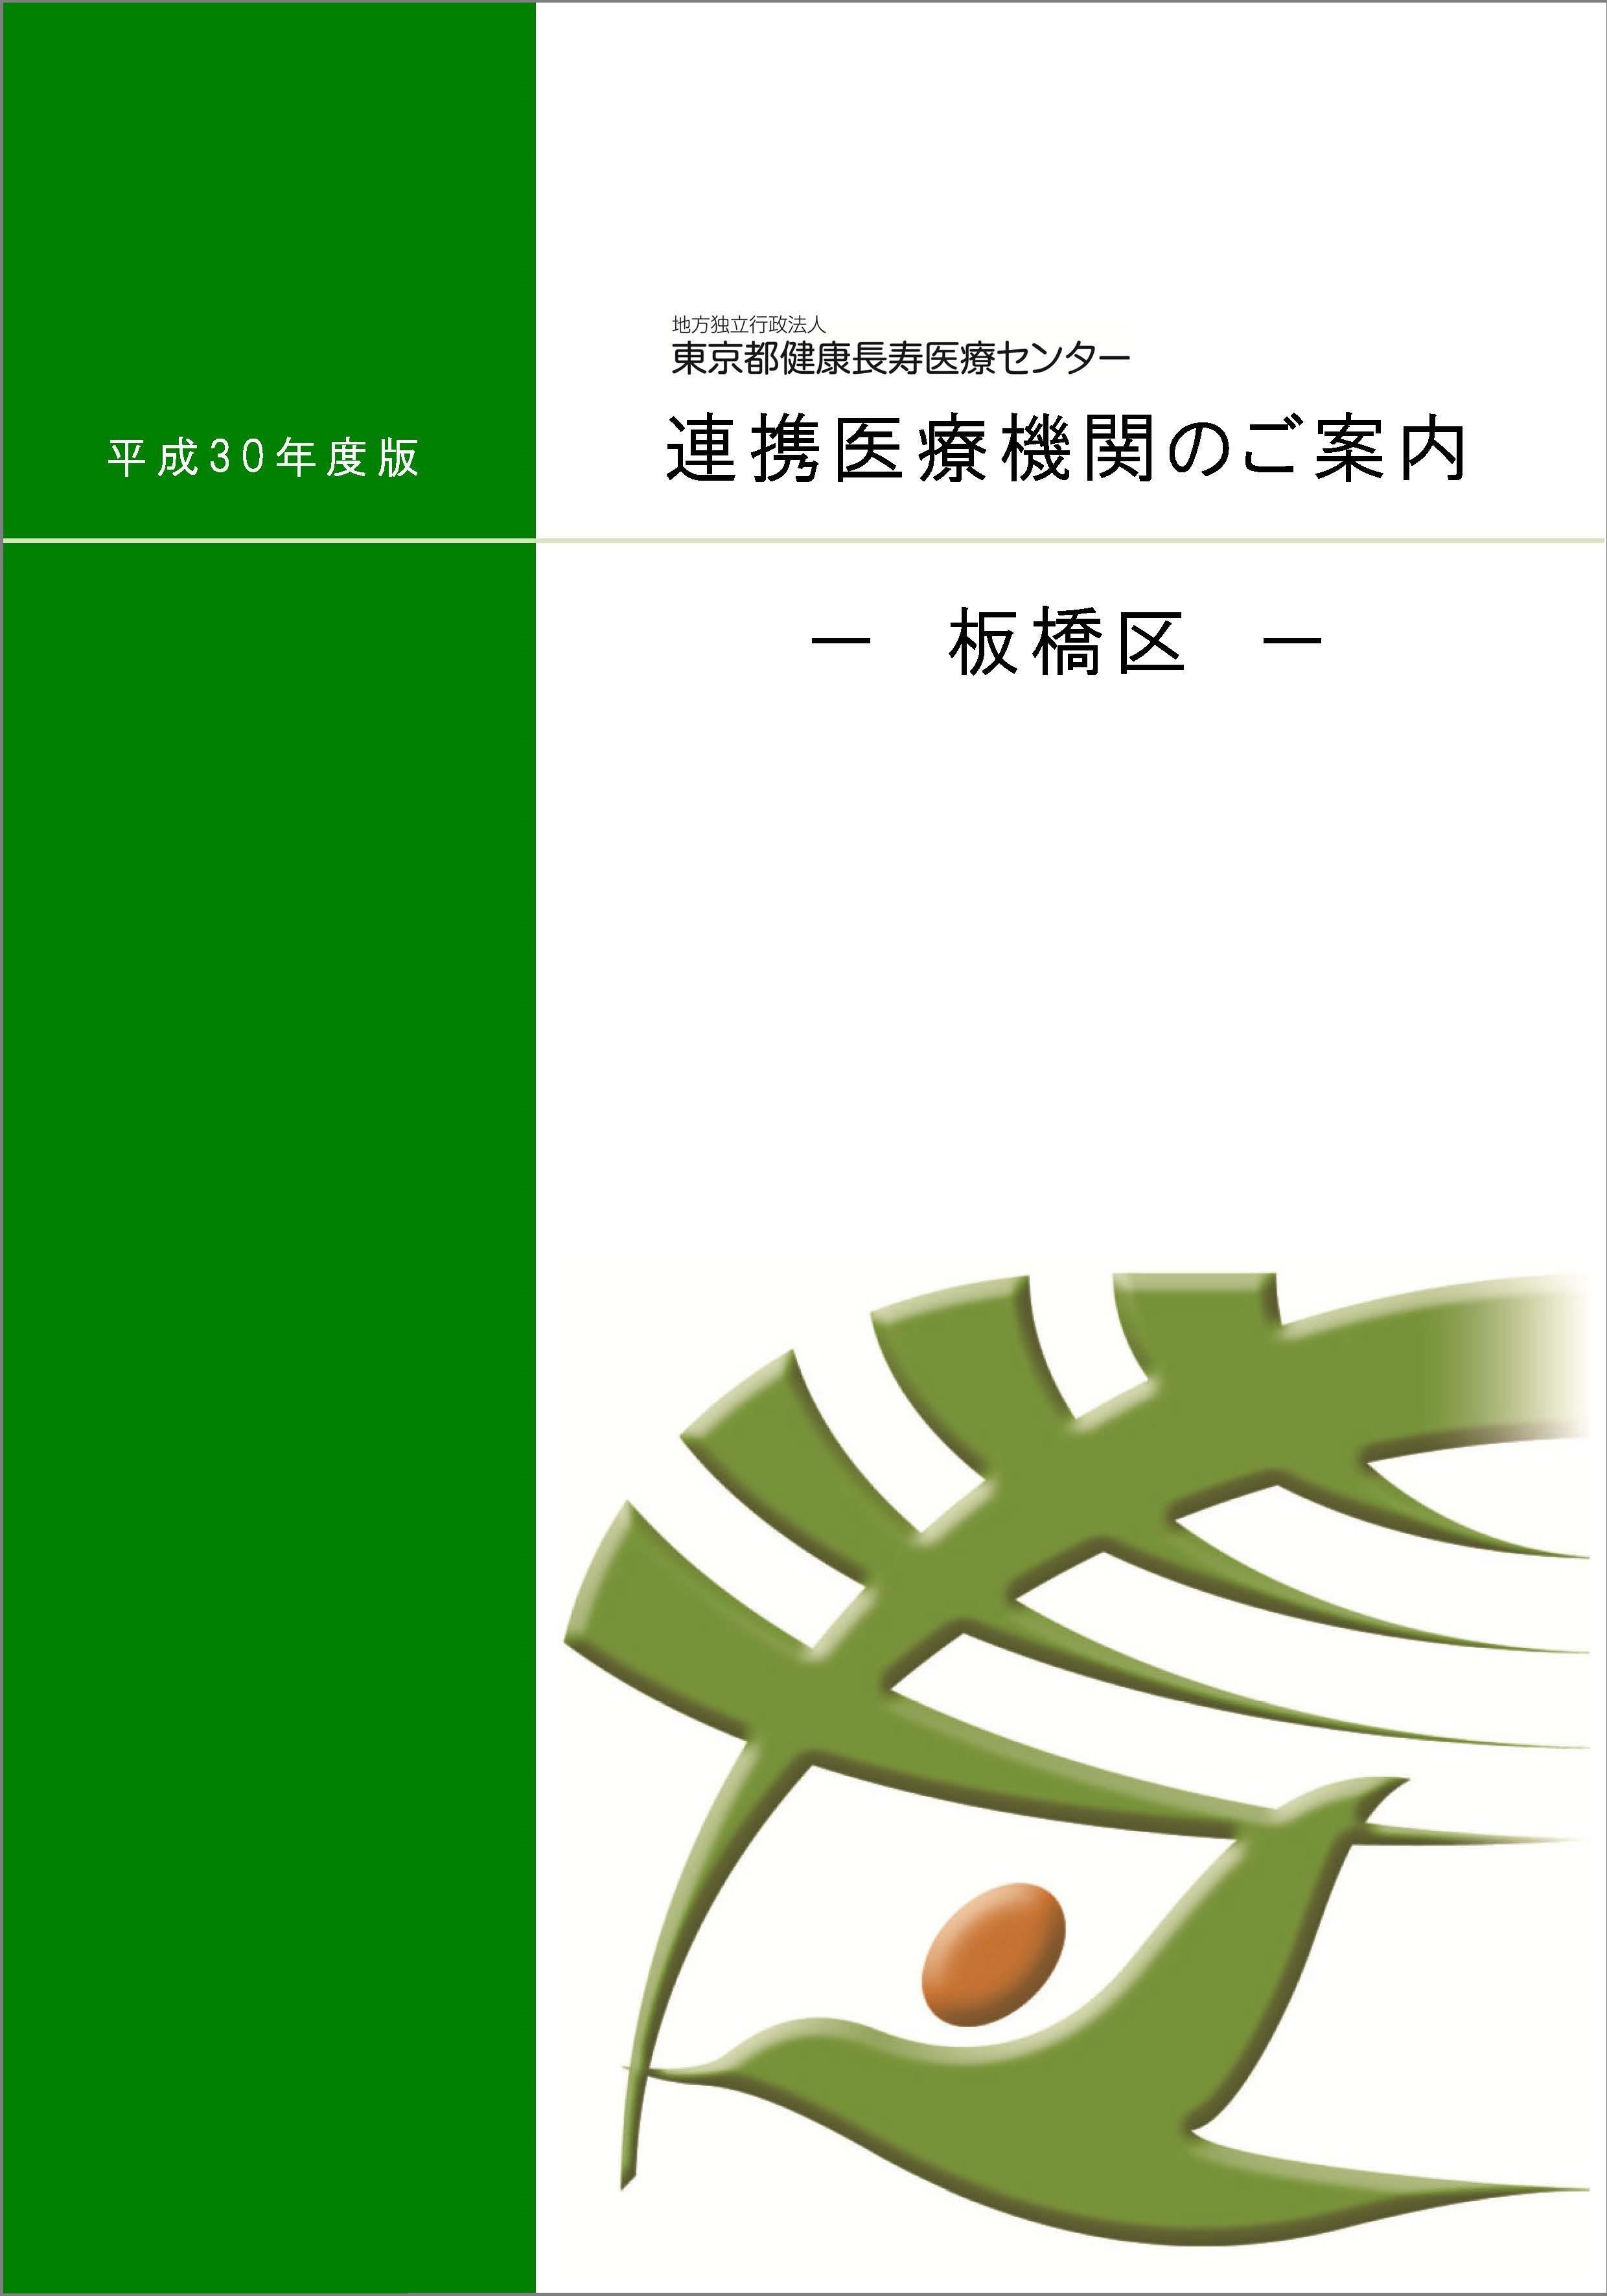 画像 _連携医療機関のご案内(板橋区)-見開き.jpg